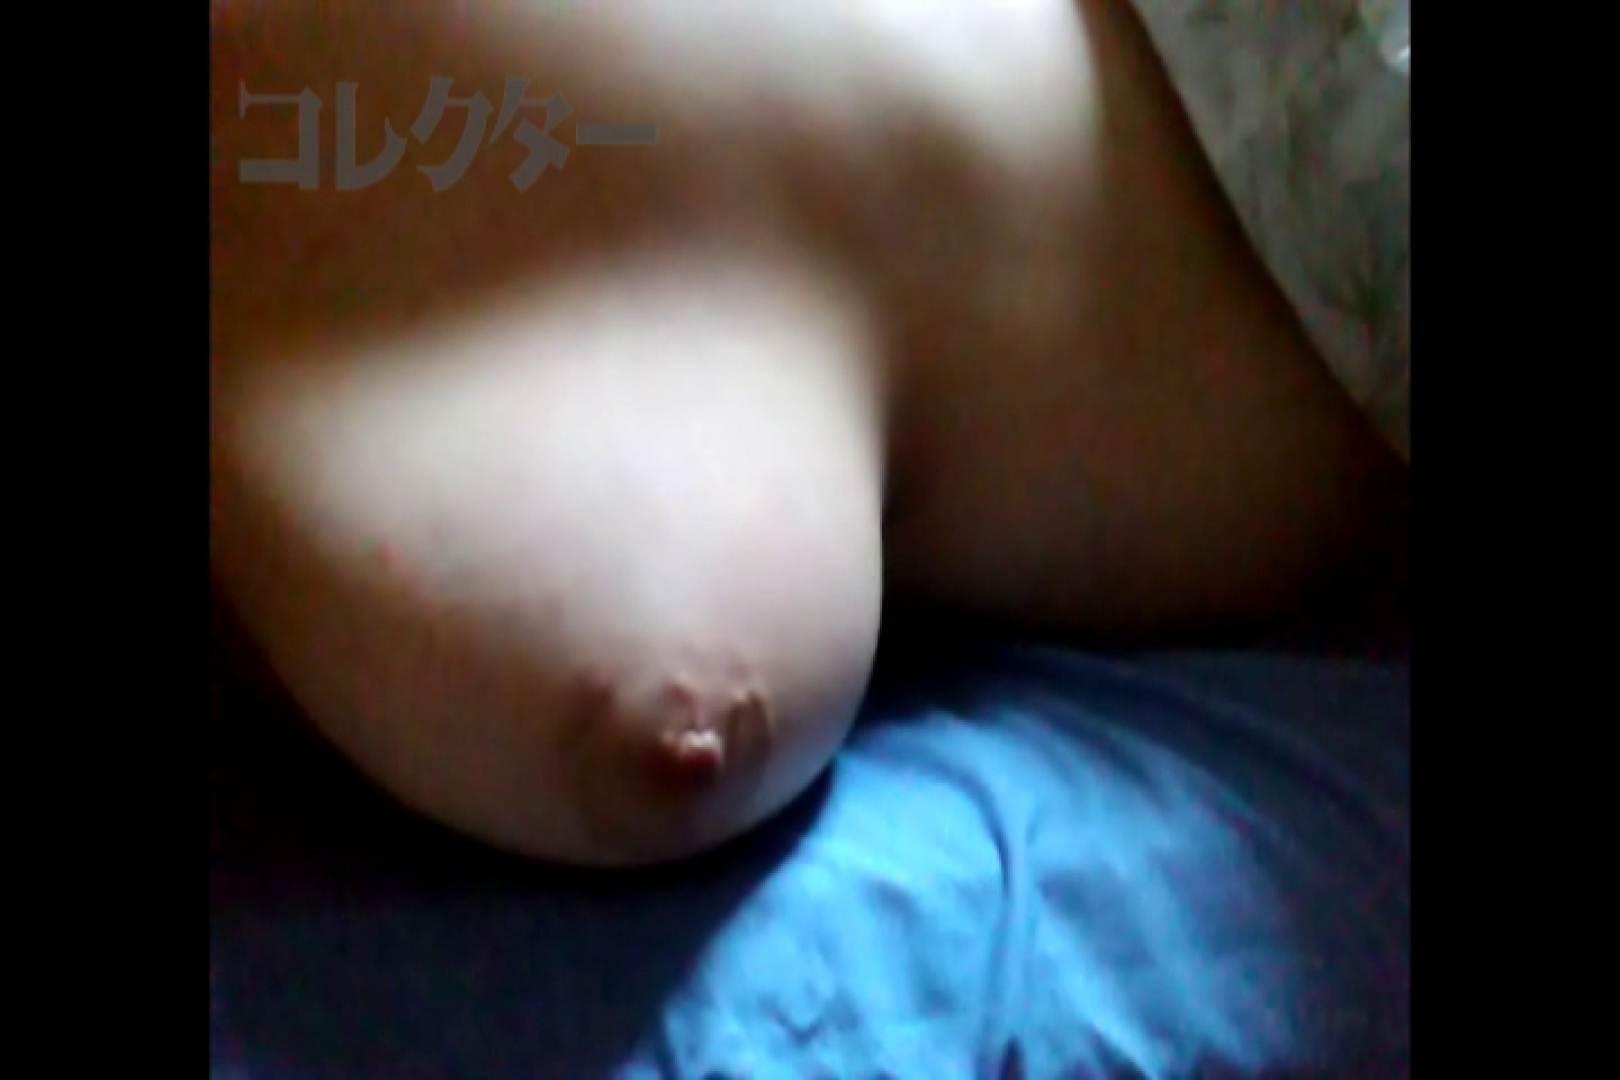 爆酔爆乳美女Vol.03 隠撮 AV動画キャプチャ 55pic 13